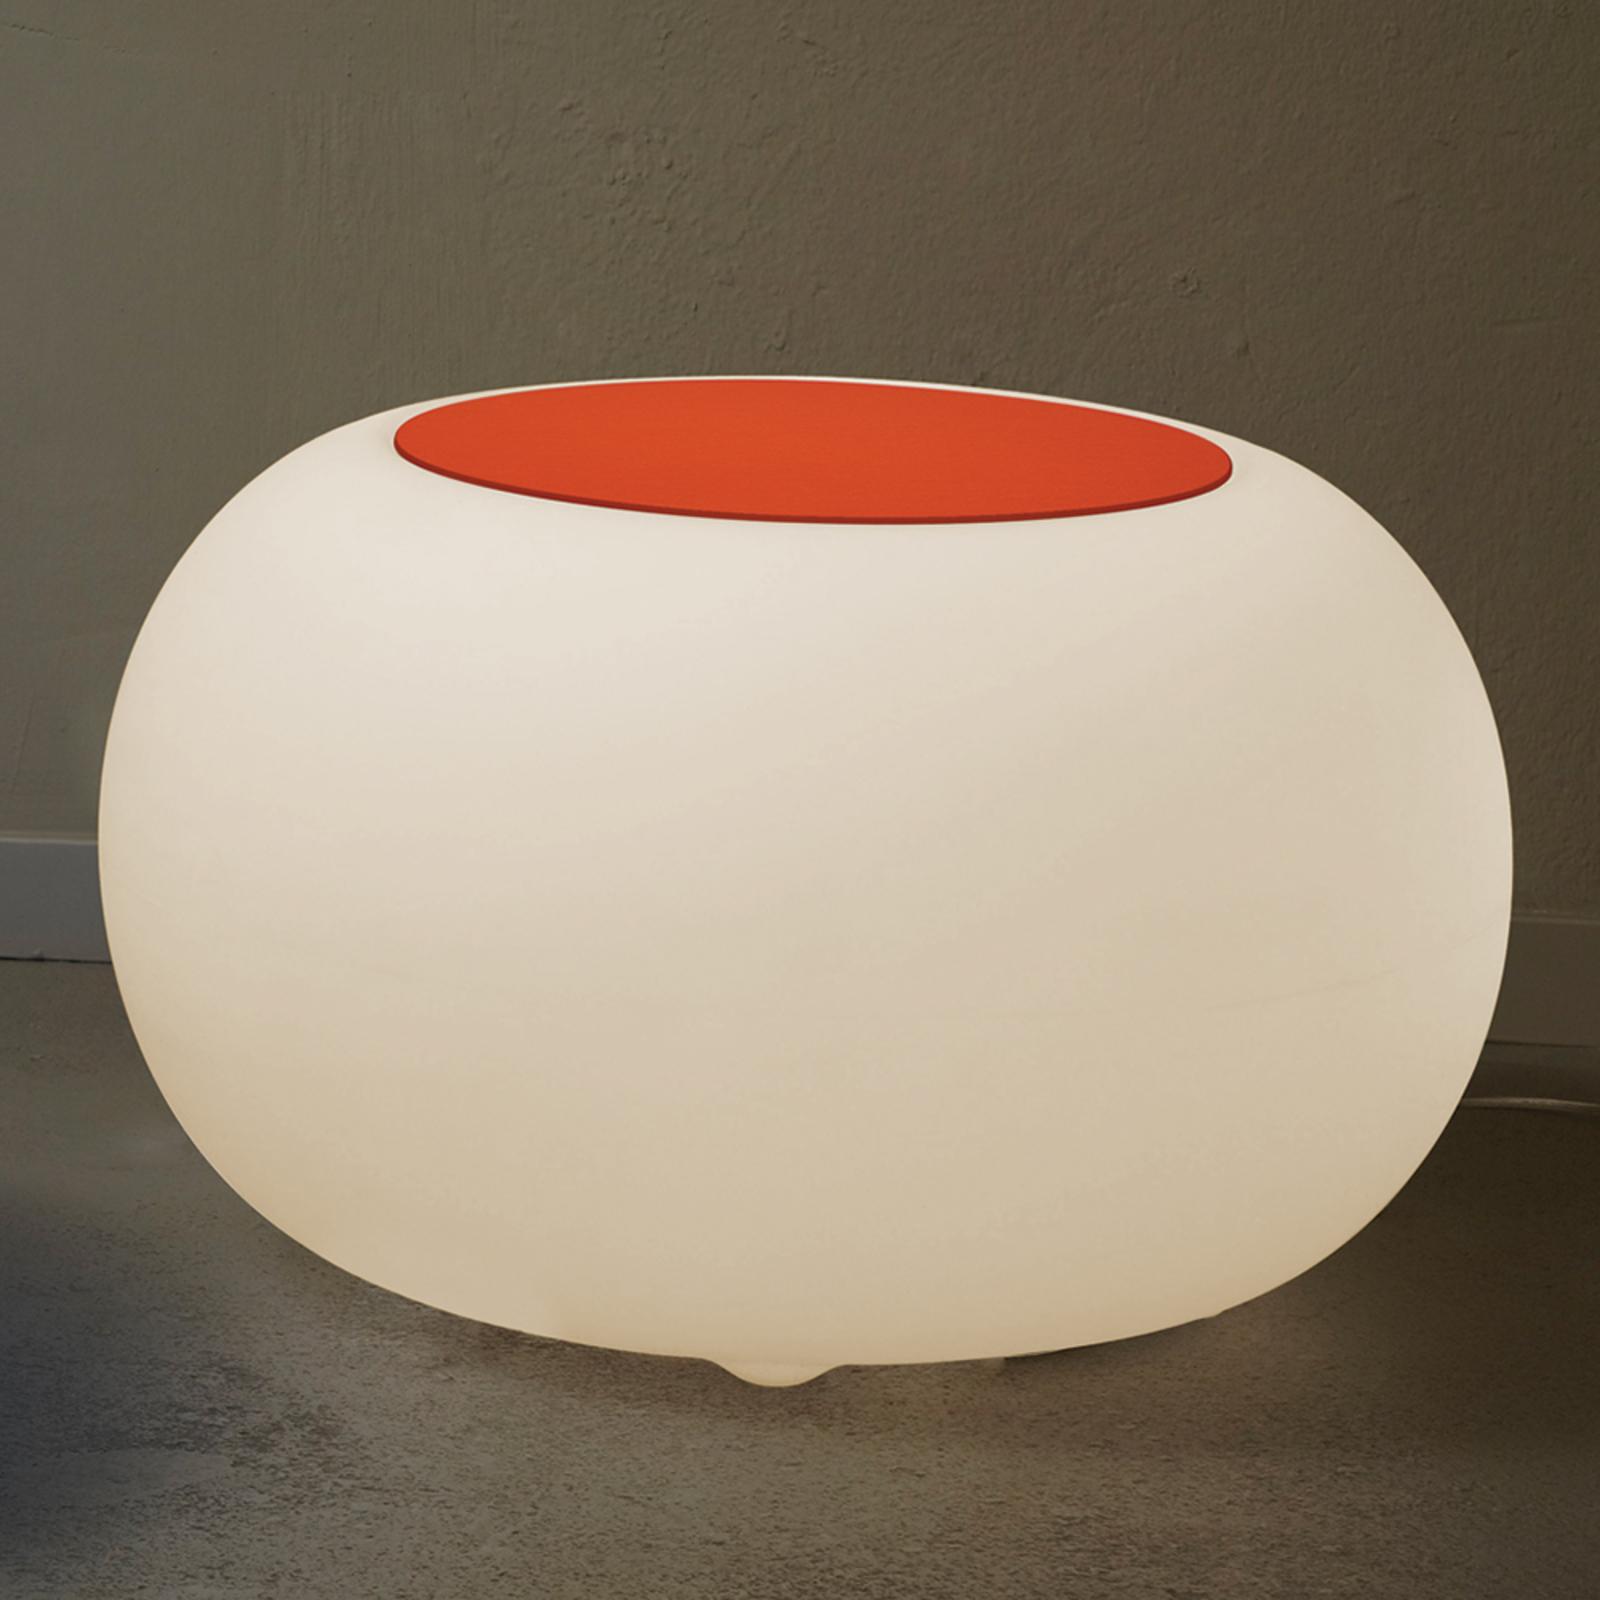 Stolik BUBBLE, światło LED RGB i pomarańczowy filc